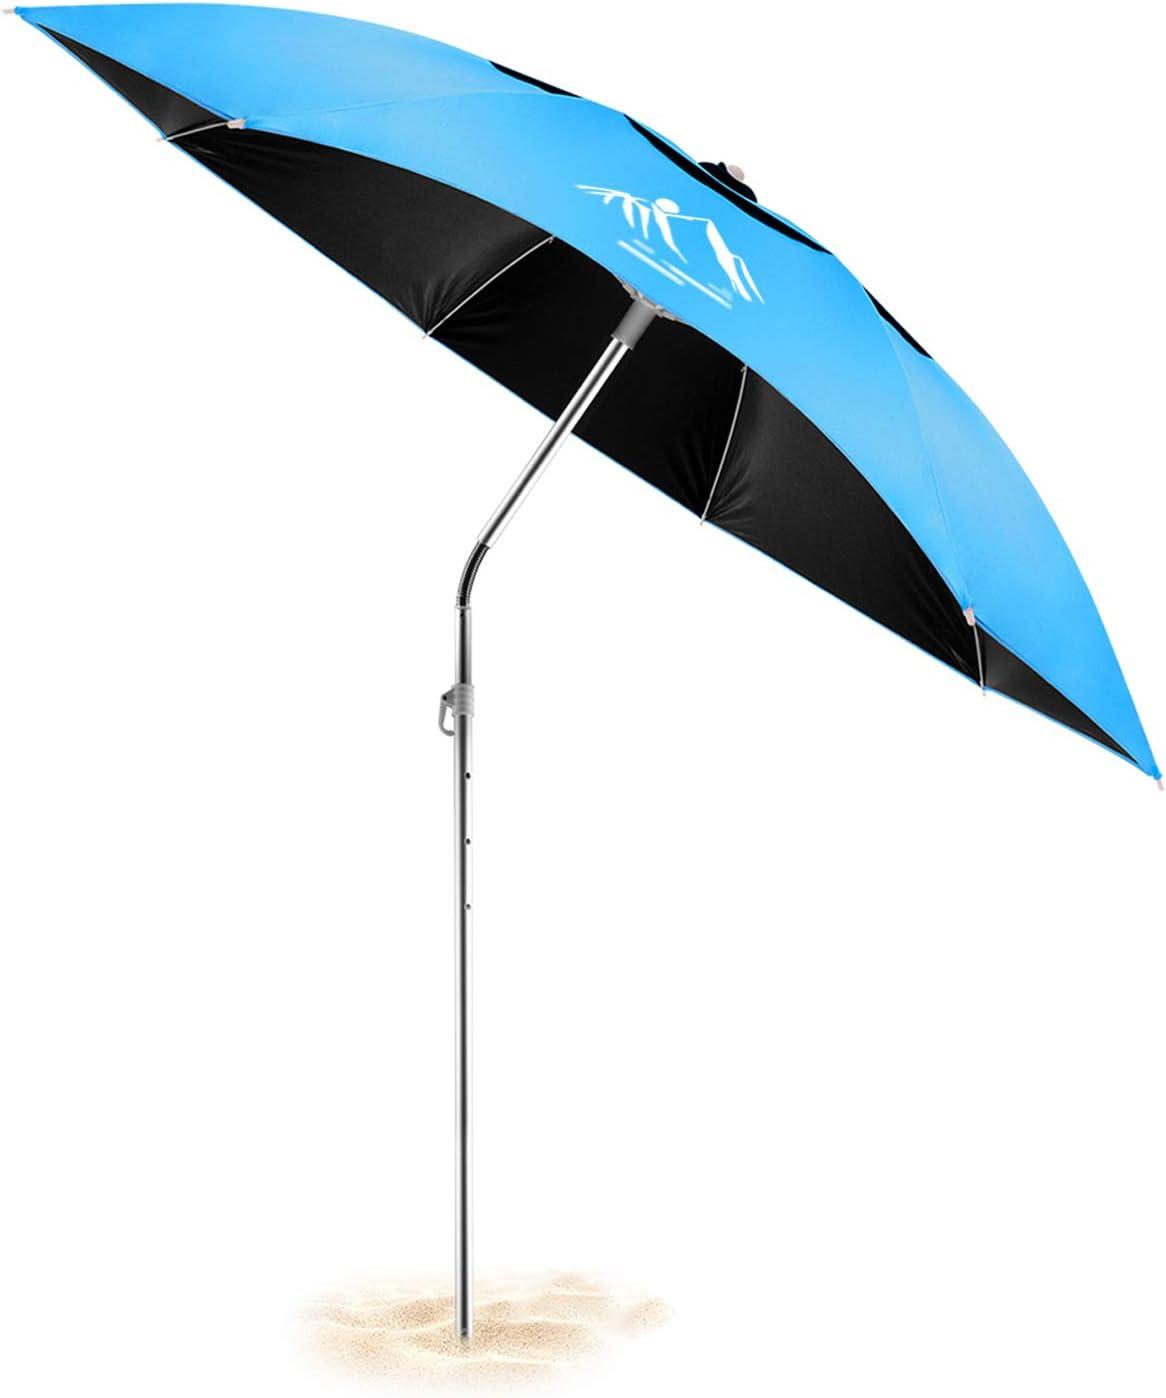 Besroy - Sombrilla portátil con barra telescópica, protección contra el viento y bolsa de transporte – Protección UV, giratoria 360°, para playa, terraza, piscina, terraza, parque